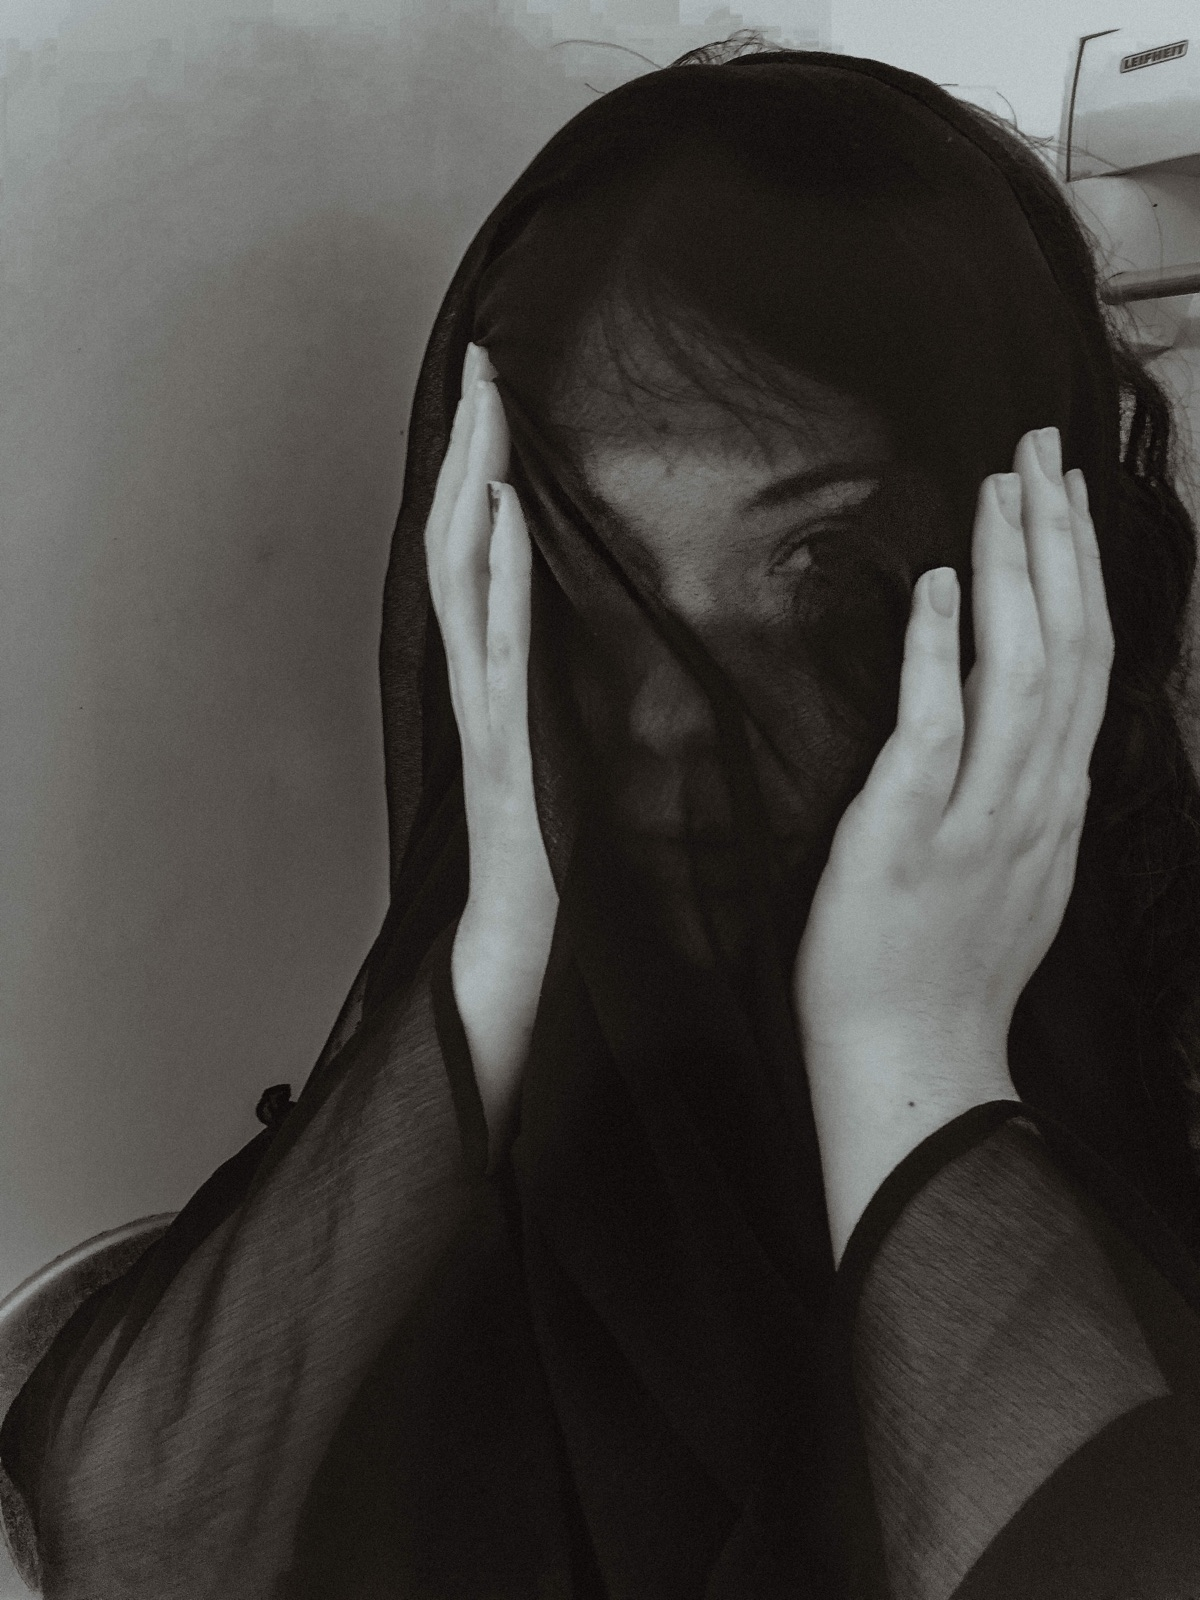 Mi modelo favorita - portrait, photography - mireiastones | ello